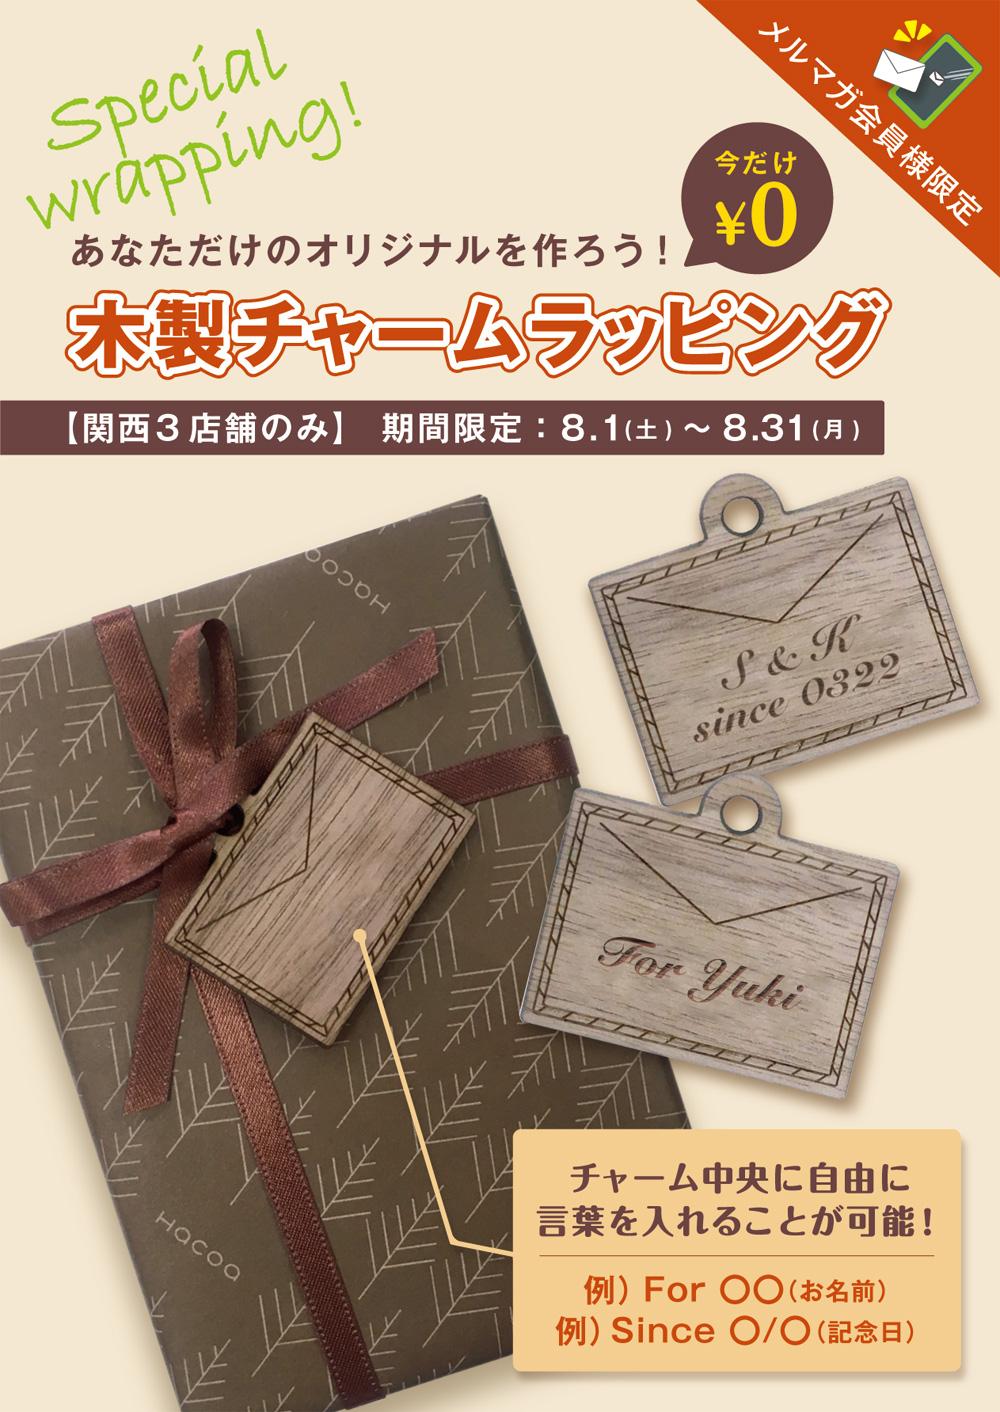 関西メルマガ限定カスタム木製チャームラッピング